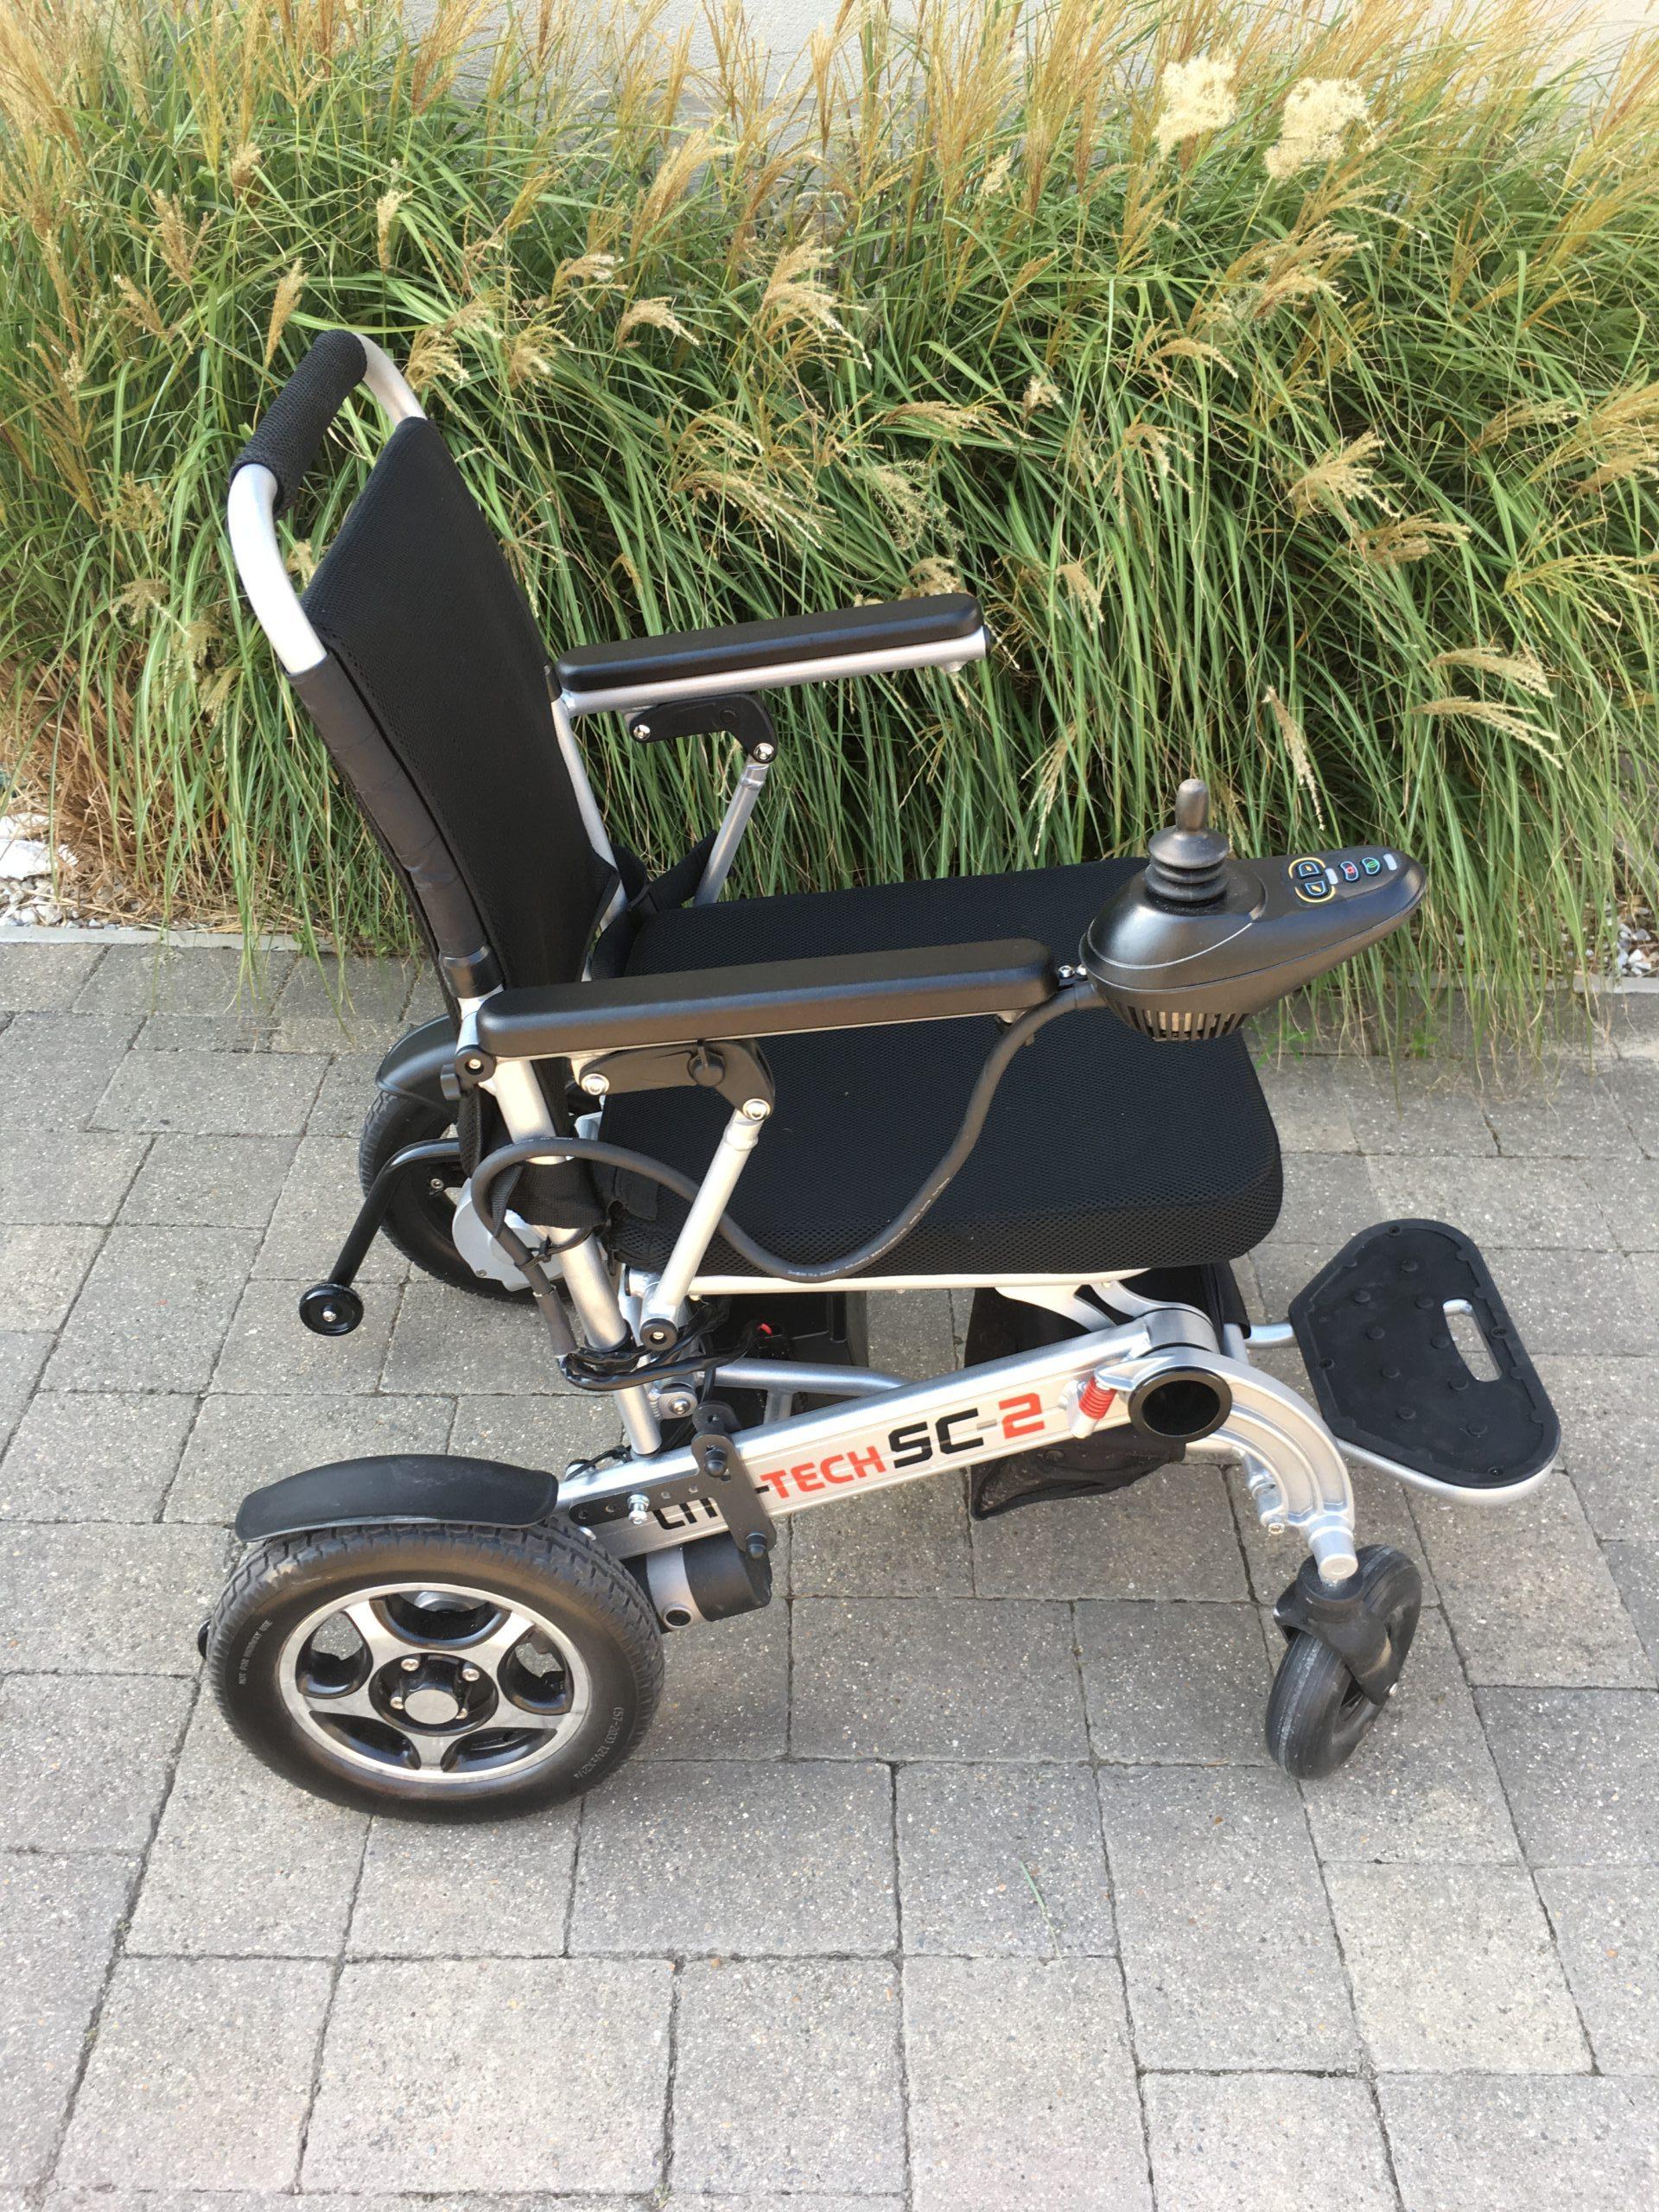 Lith-Tech Smart Chair 2 6